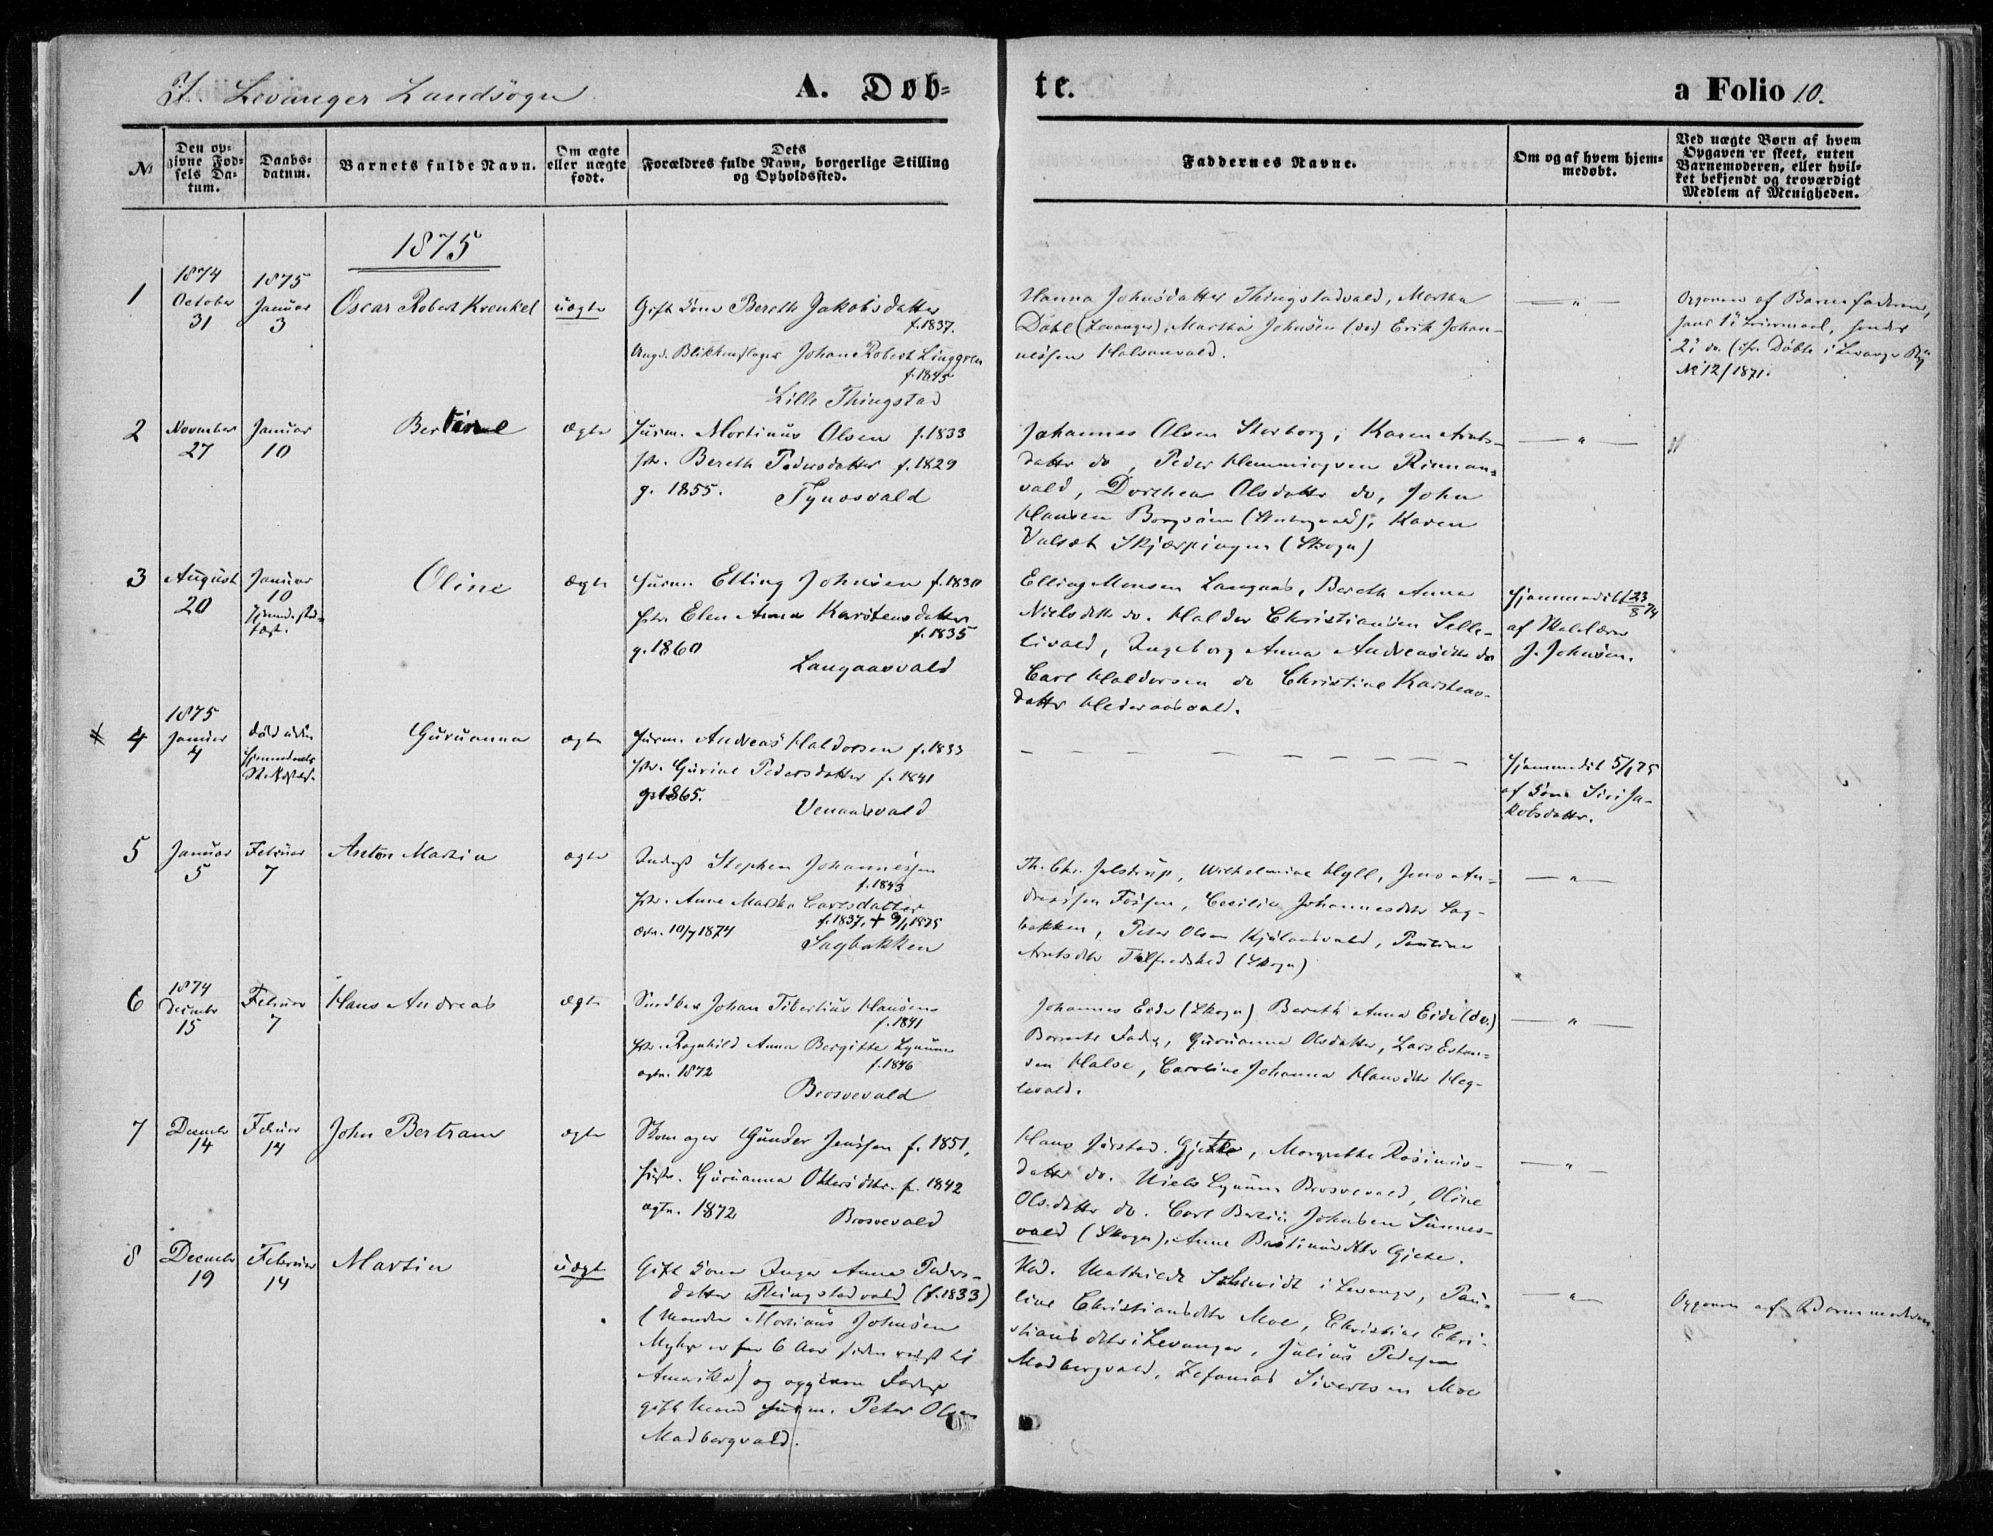 SAT, Ministerialprotokoller, klokkerbøker og fødselsregistre - Nord-Trøndelag, 720/L0187: Ministerialbok nr. 720A04 /2, 1875-1879, s. 10